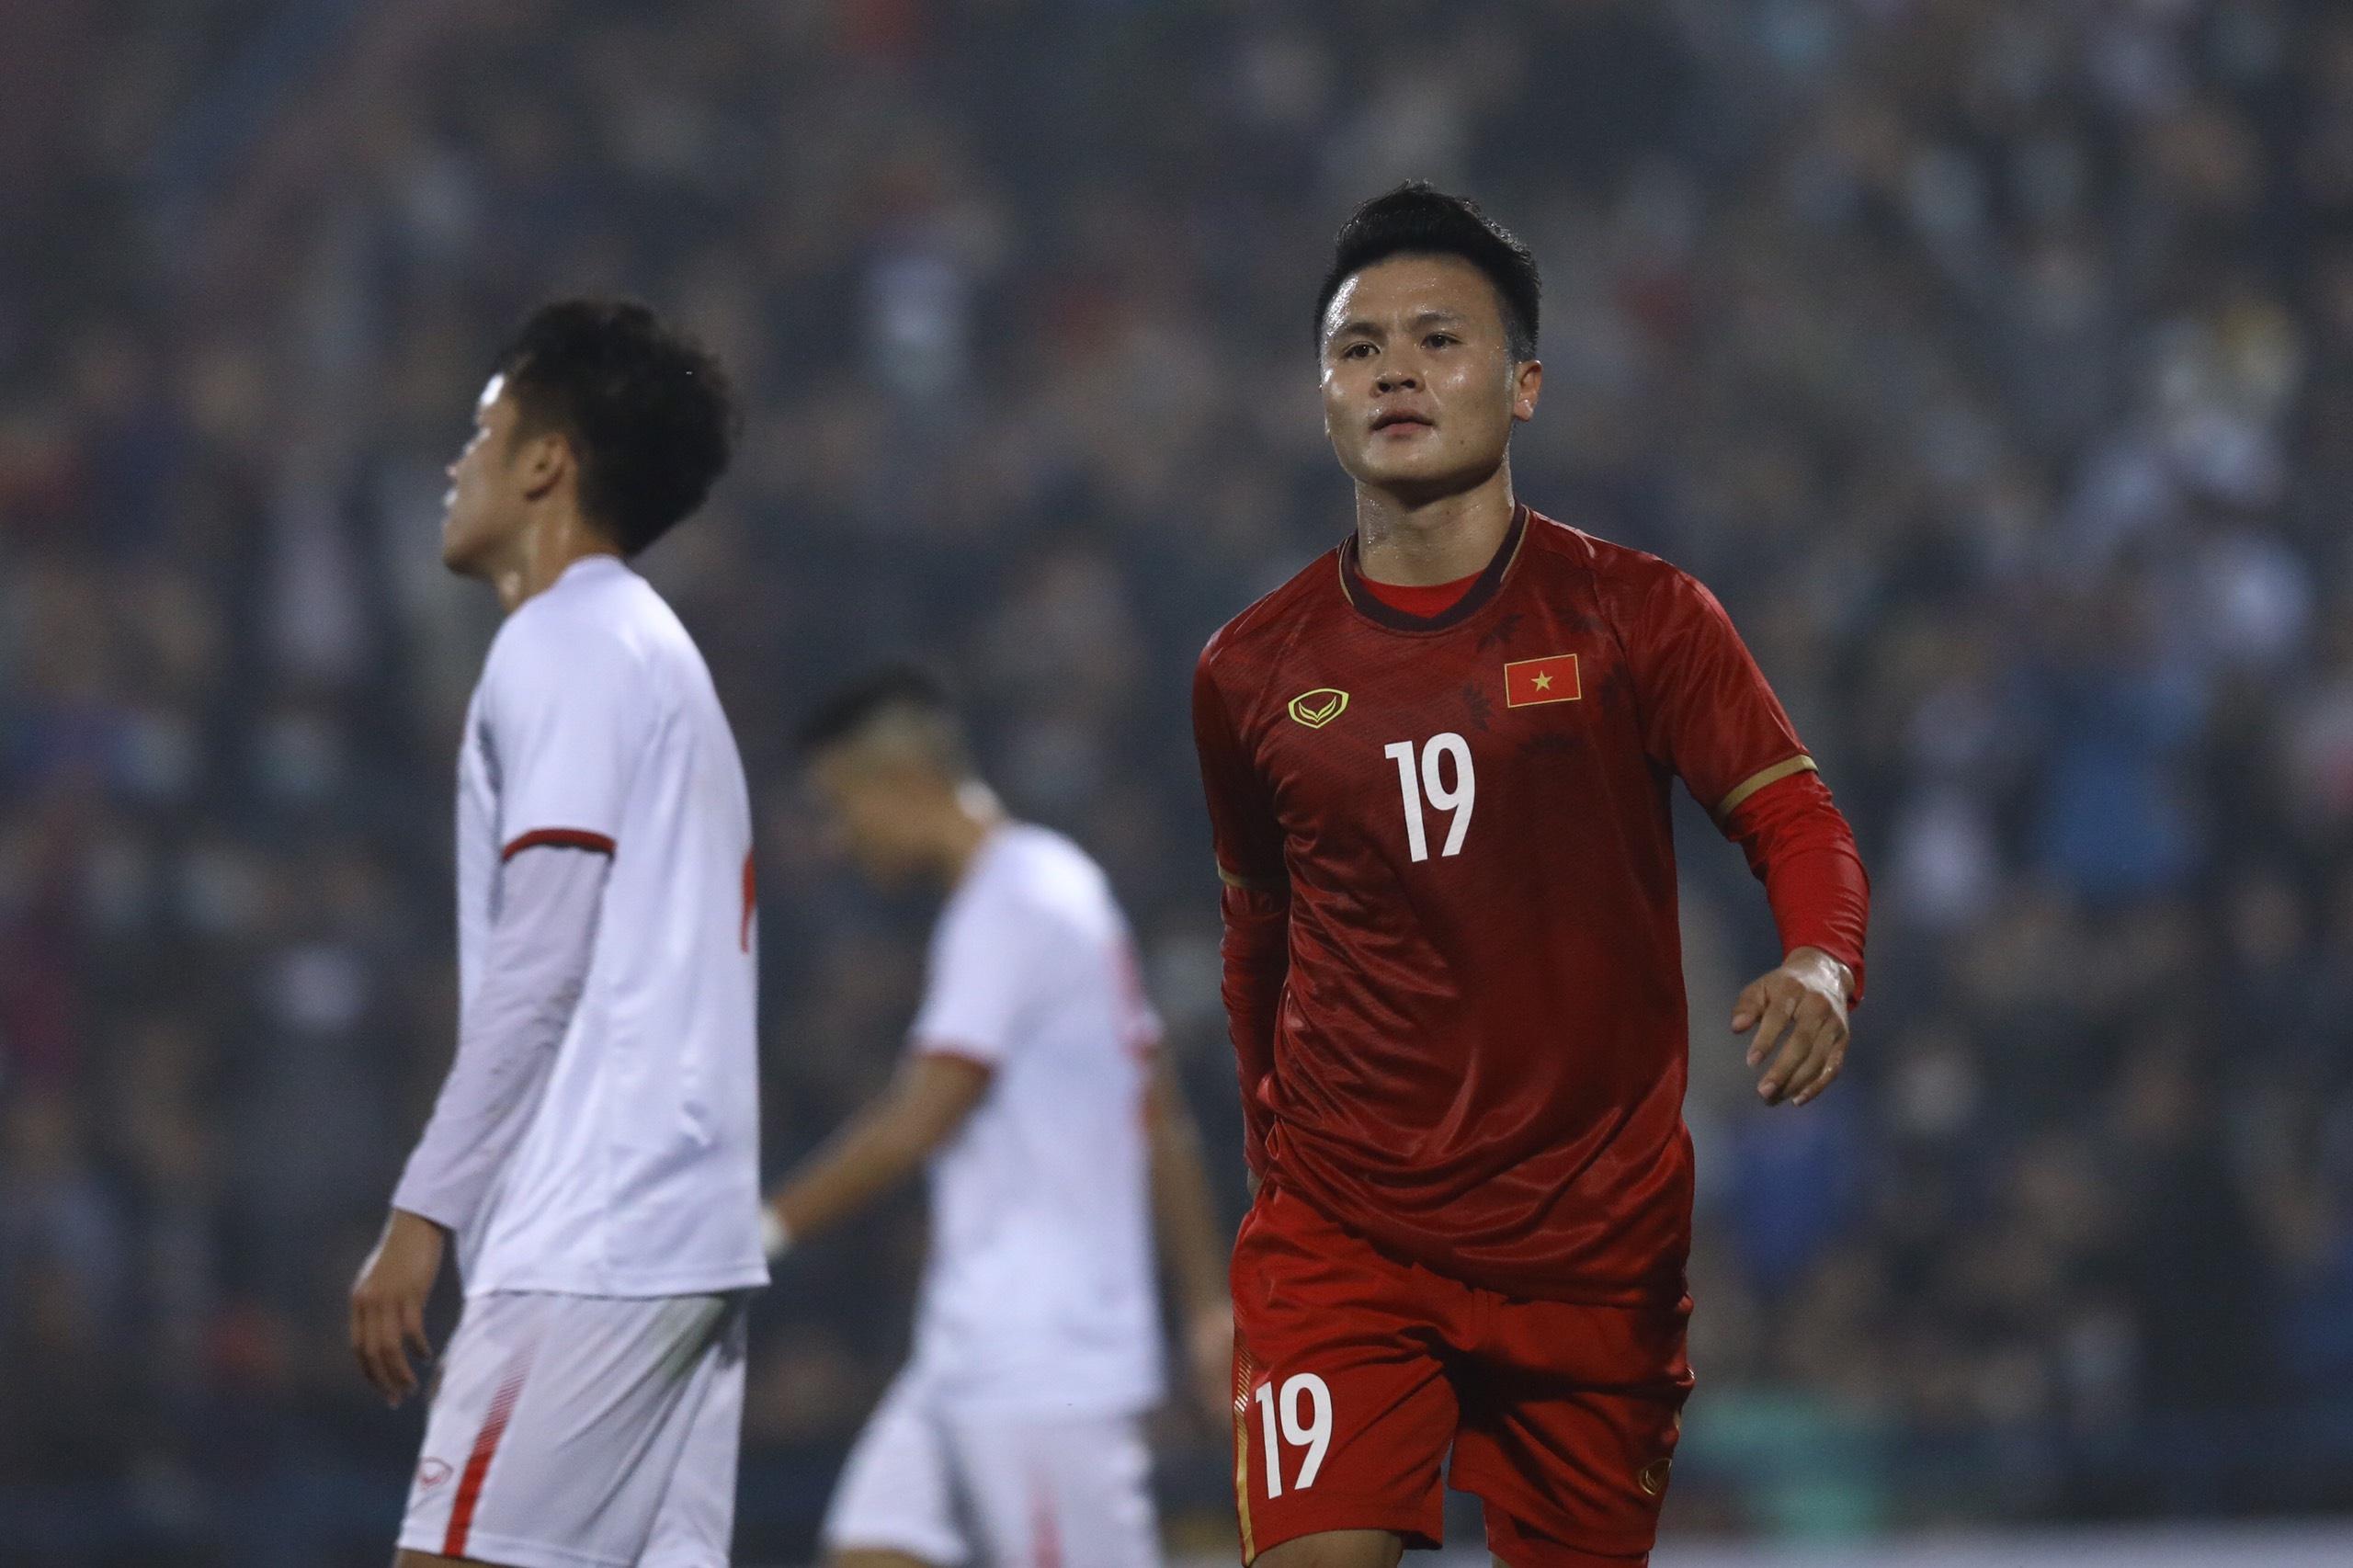 Vắng Quang Hải, tuyển Việt Nam sẵn có 3 cái tên thay thế - Bóng Đá